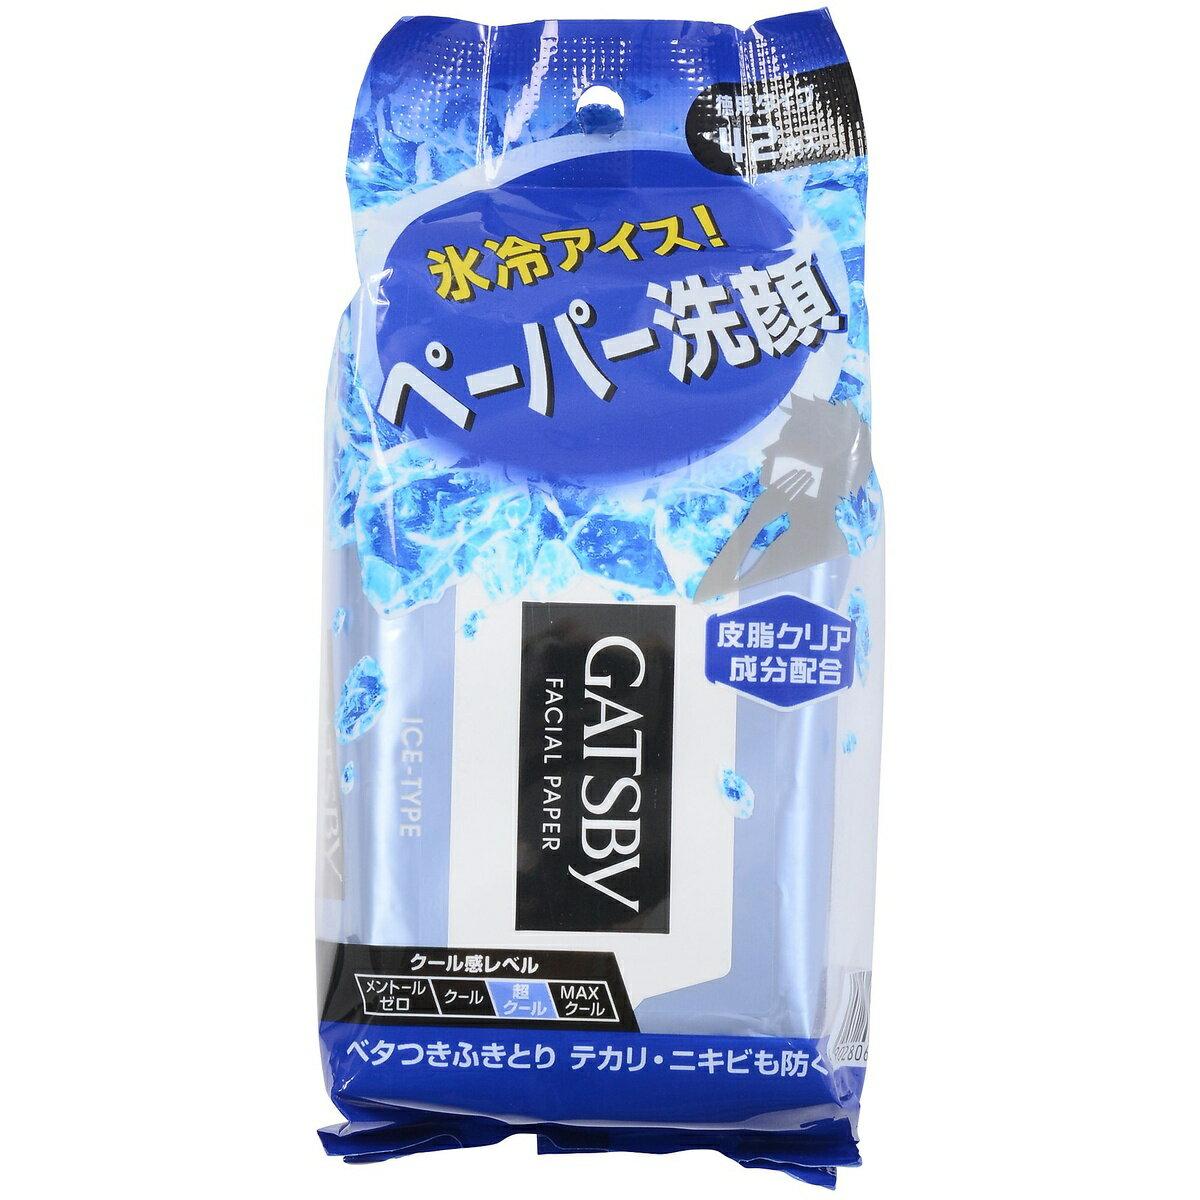 スポーツアクセサリー 雑貨 ギャツビーフェイシャルペーパーアイスタイプ徳用タイプ GATSBY F-PAPER V ICE